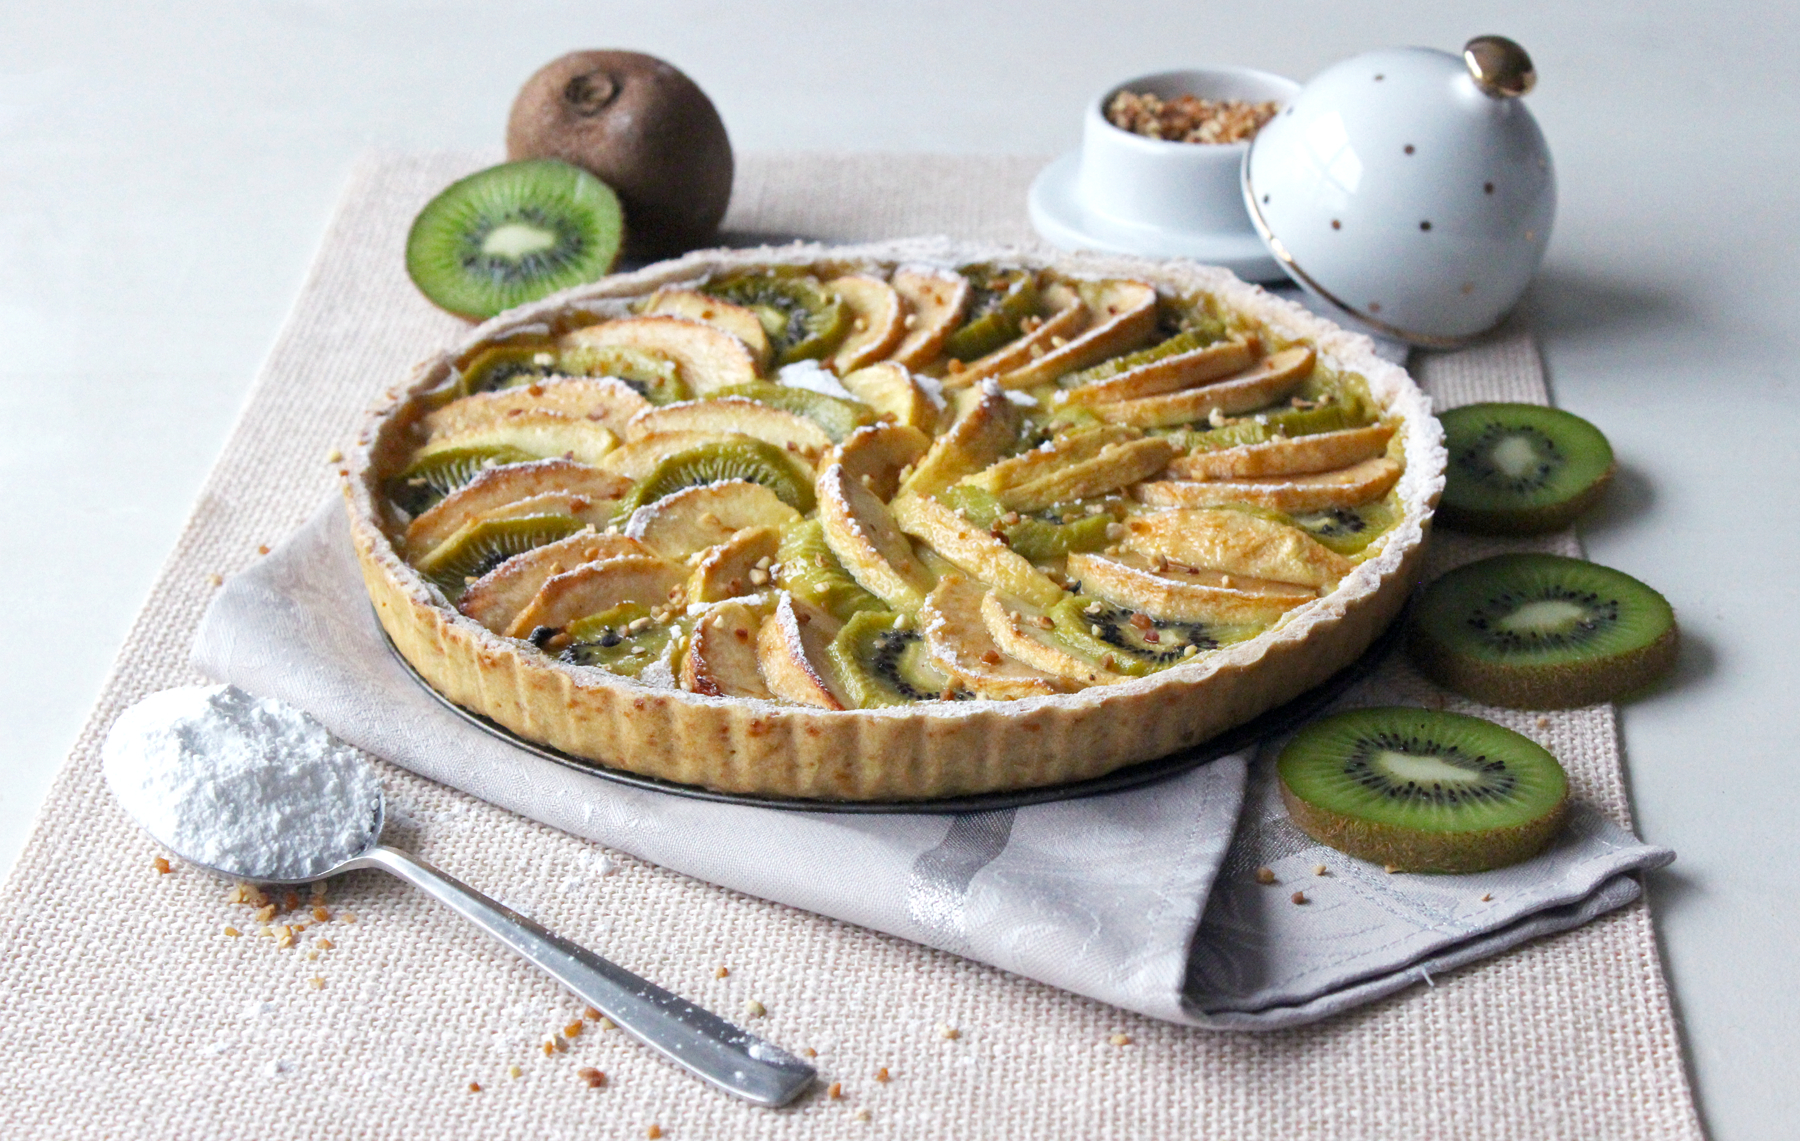 Tarte Végane Aux Pommes, Kiwis Et Crème Pâtissière – Le concernant Tarte Pomme Banane Kiwi